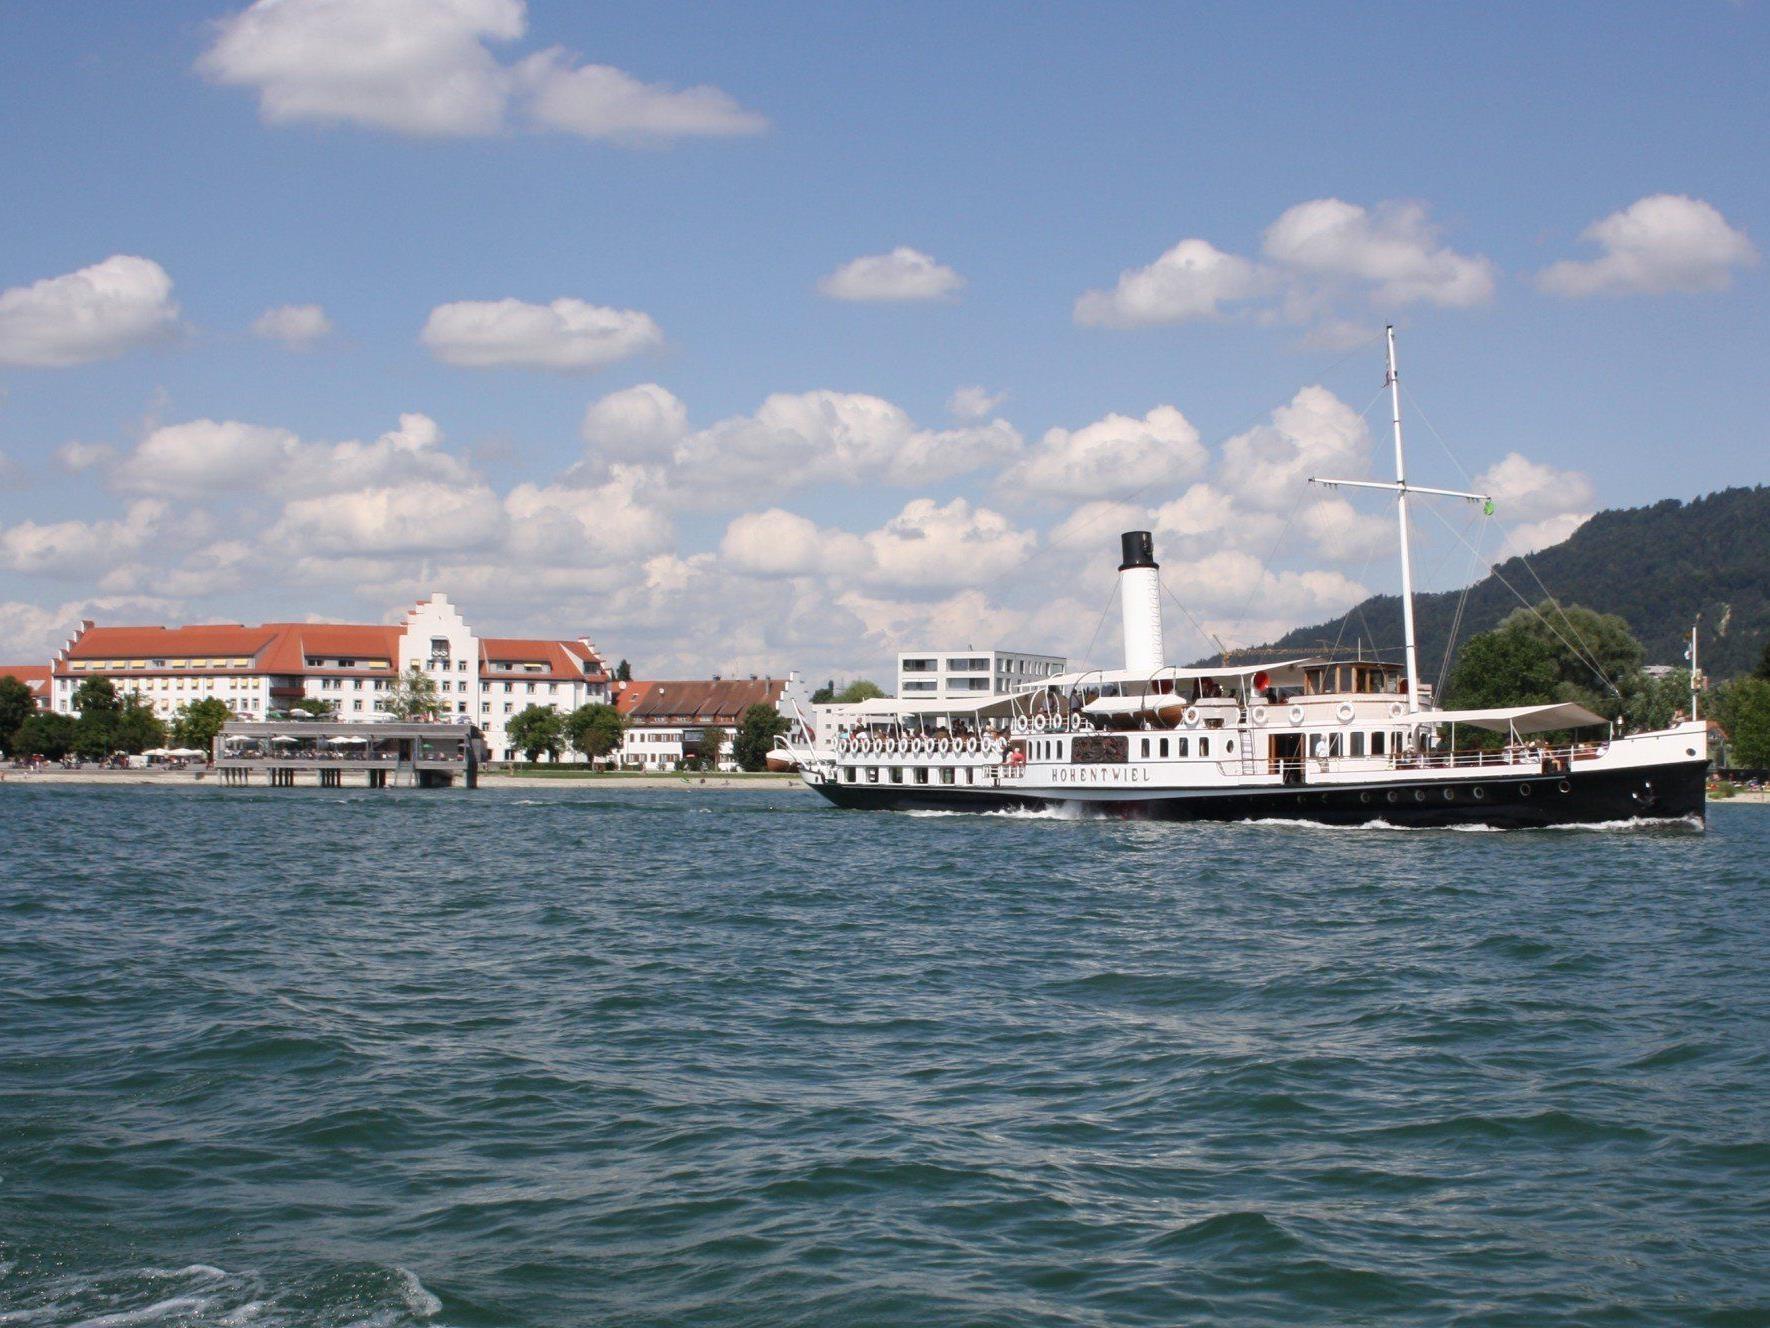 """Mit der """"Hohentwiel"""" ab Lochau Kaiserstrand eine Dixie-Musik-Rundfahrt auf dem Bodensee genießen."""